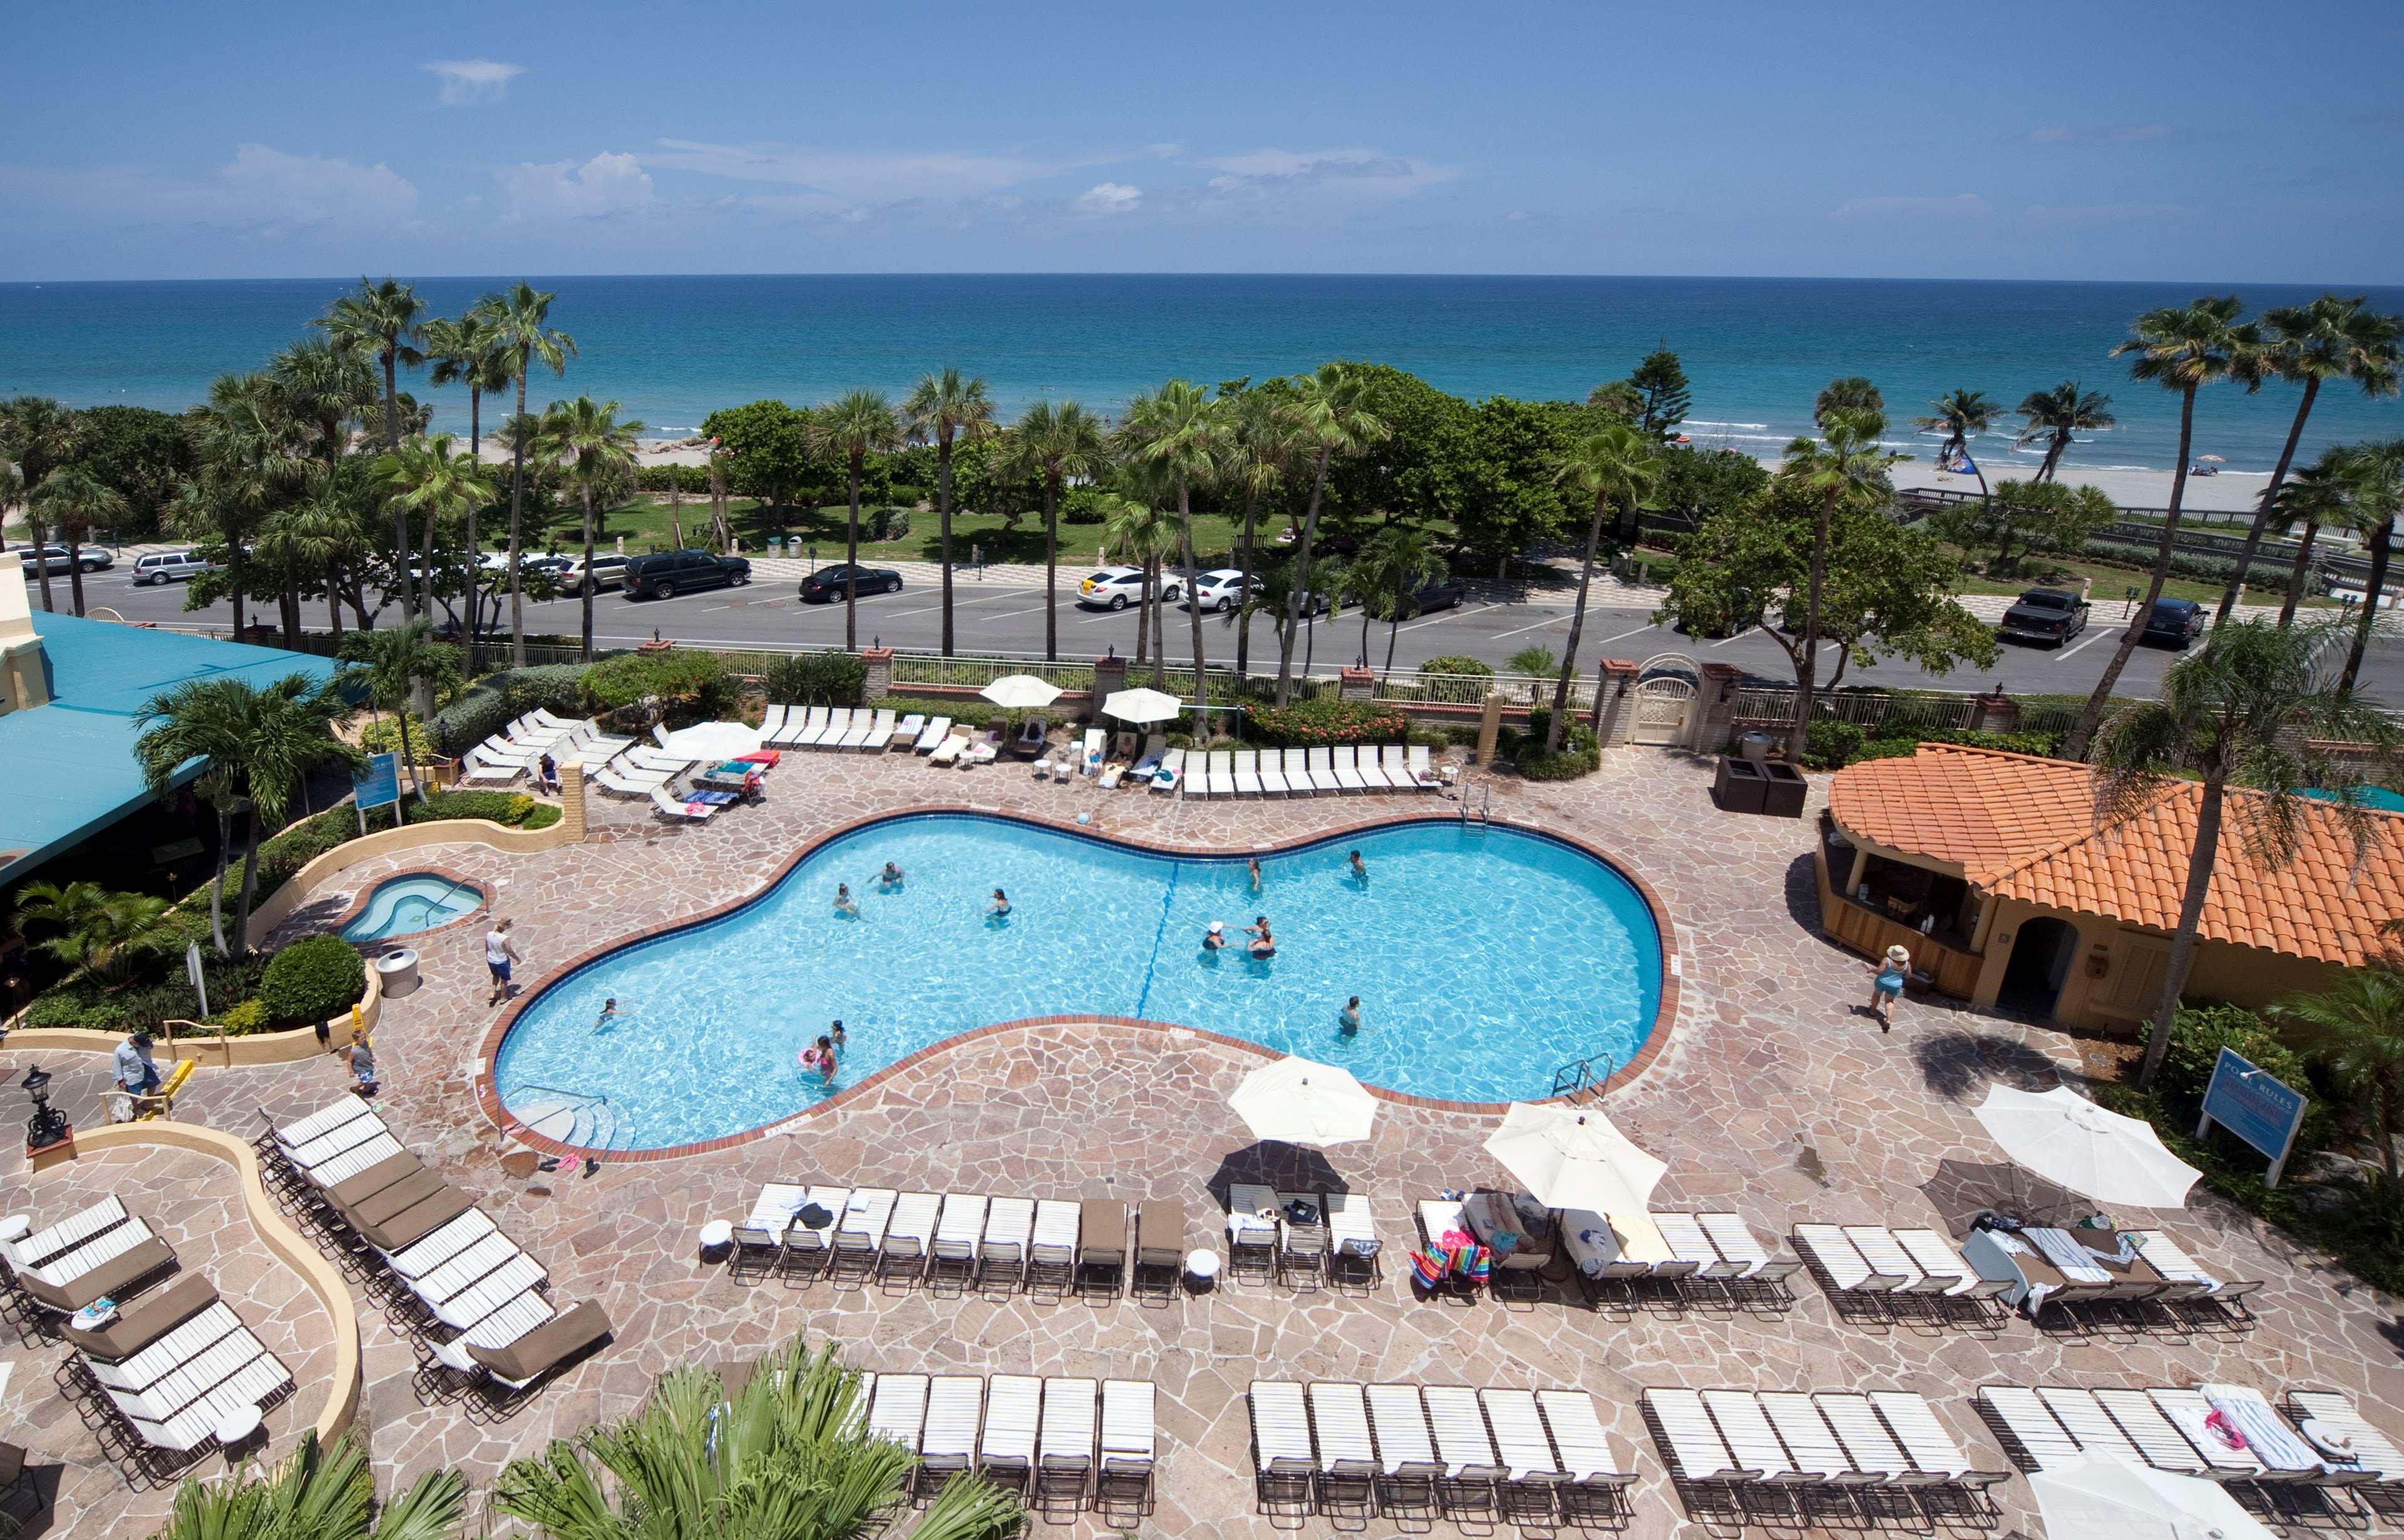 Embassy Suites by Hilton Deerfield Beach Resort & Spa